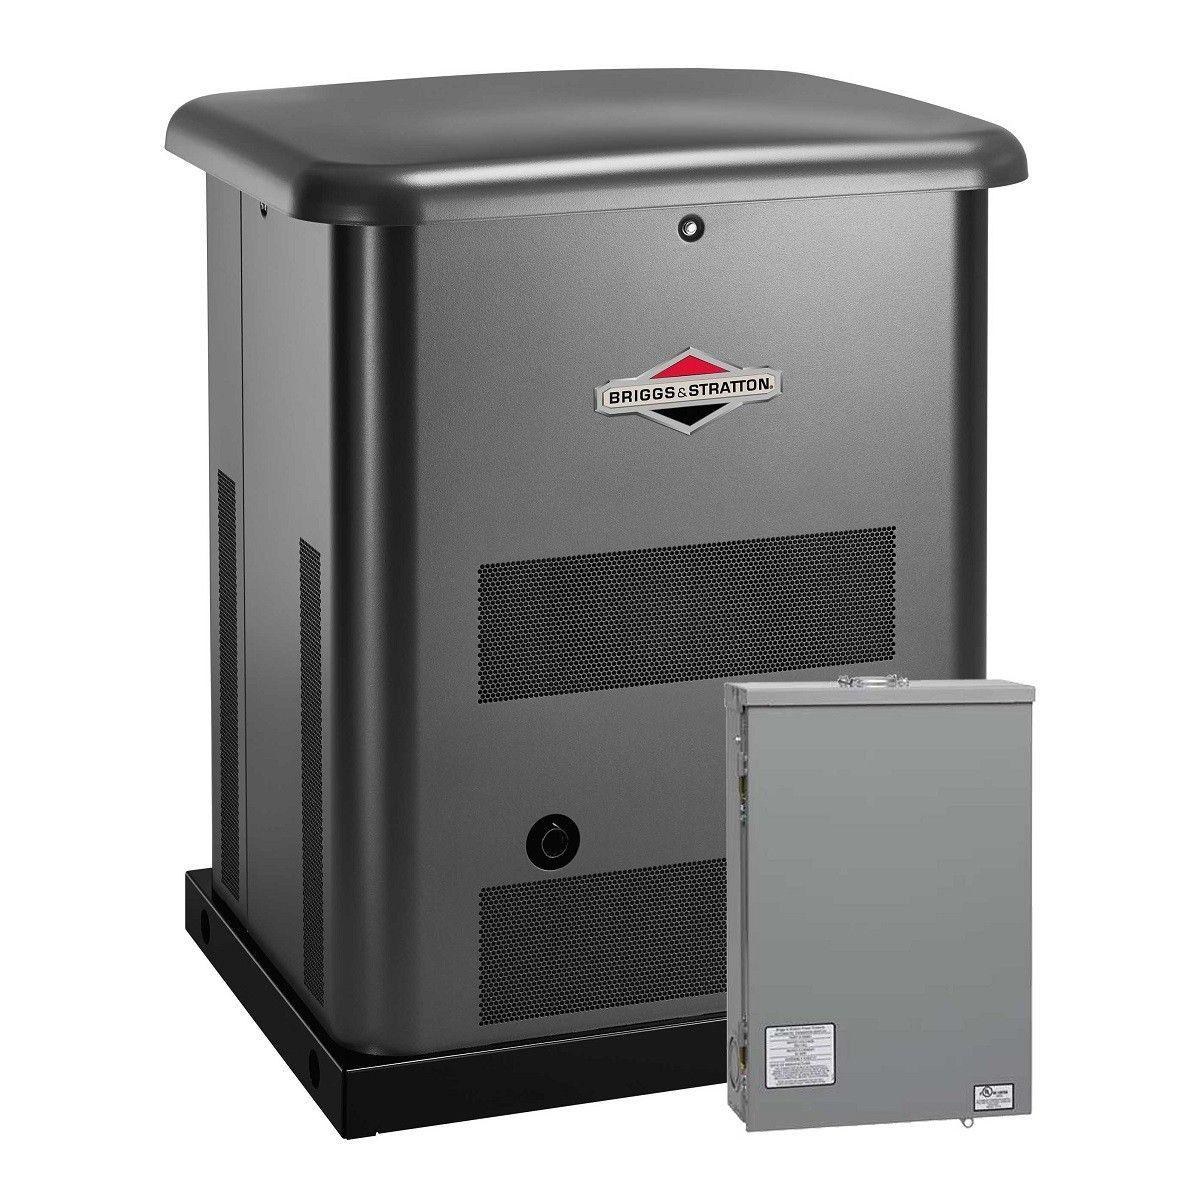 Briggs & Stratton 10kW Standby Generator